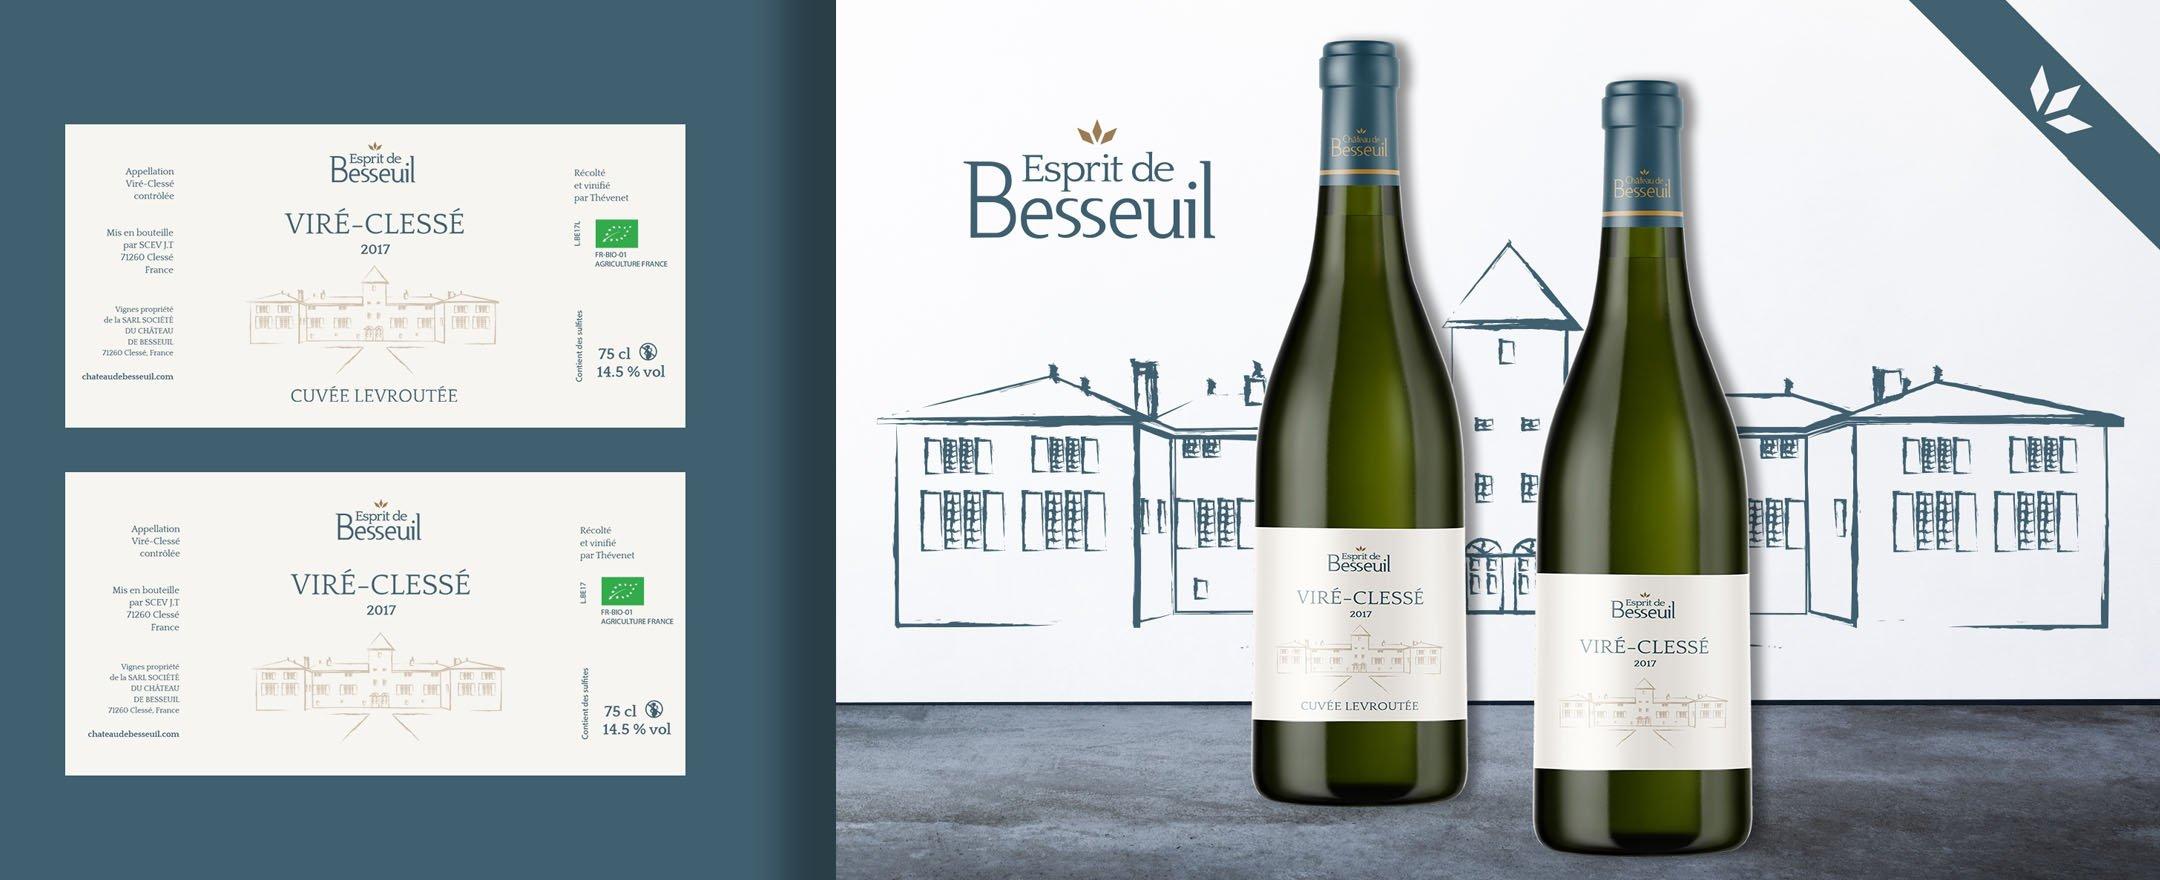 Habefast Etude De Cas Chateau Besseuil Print Etiquettes Vin 01